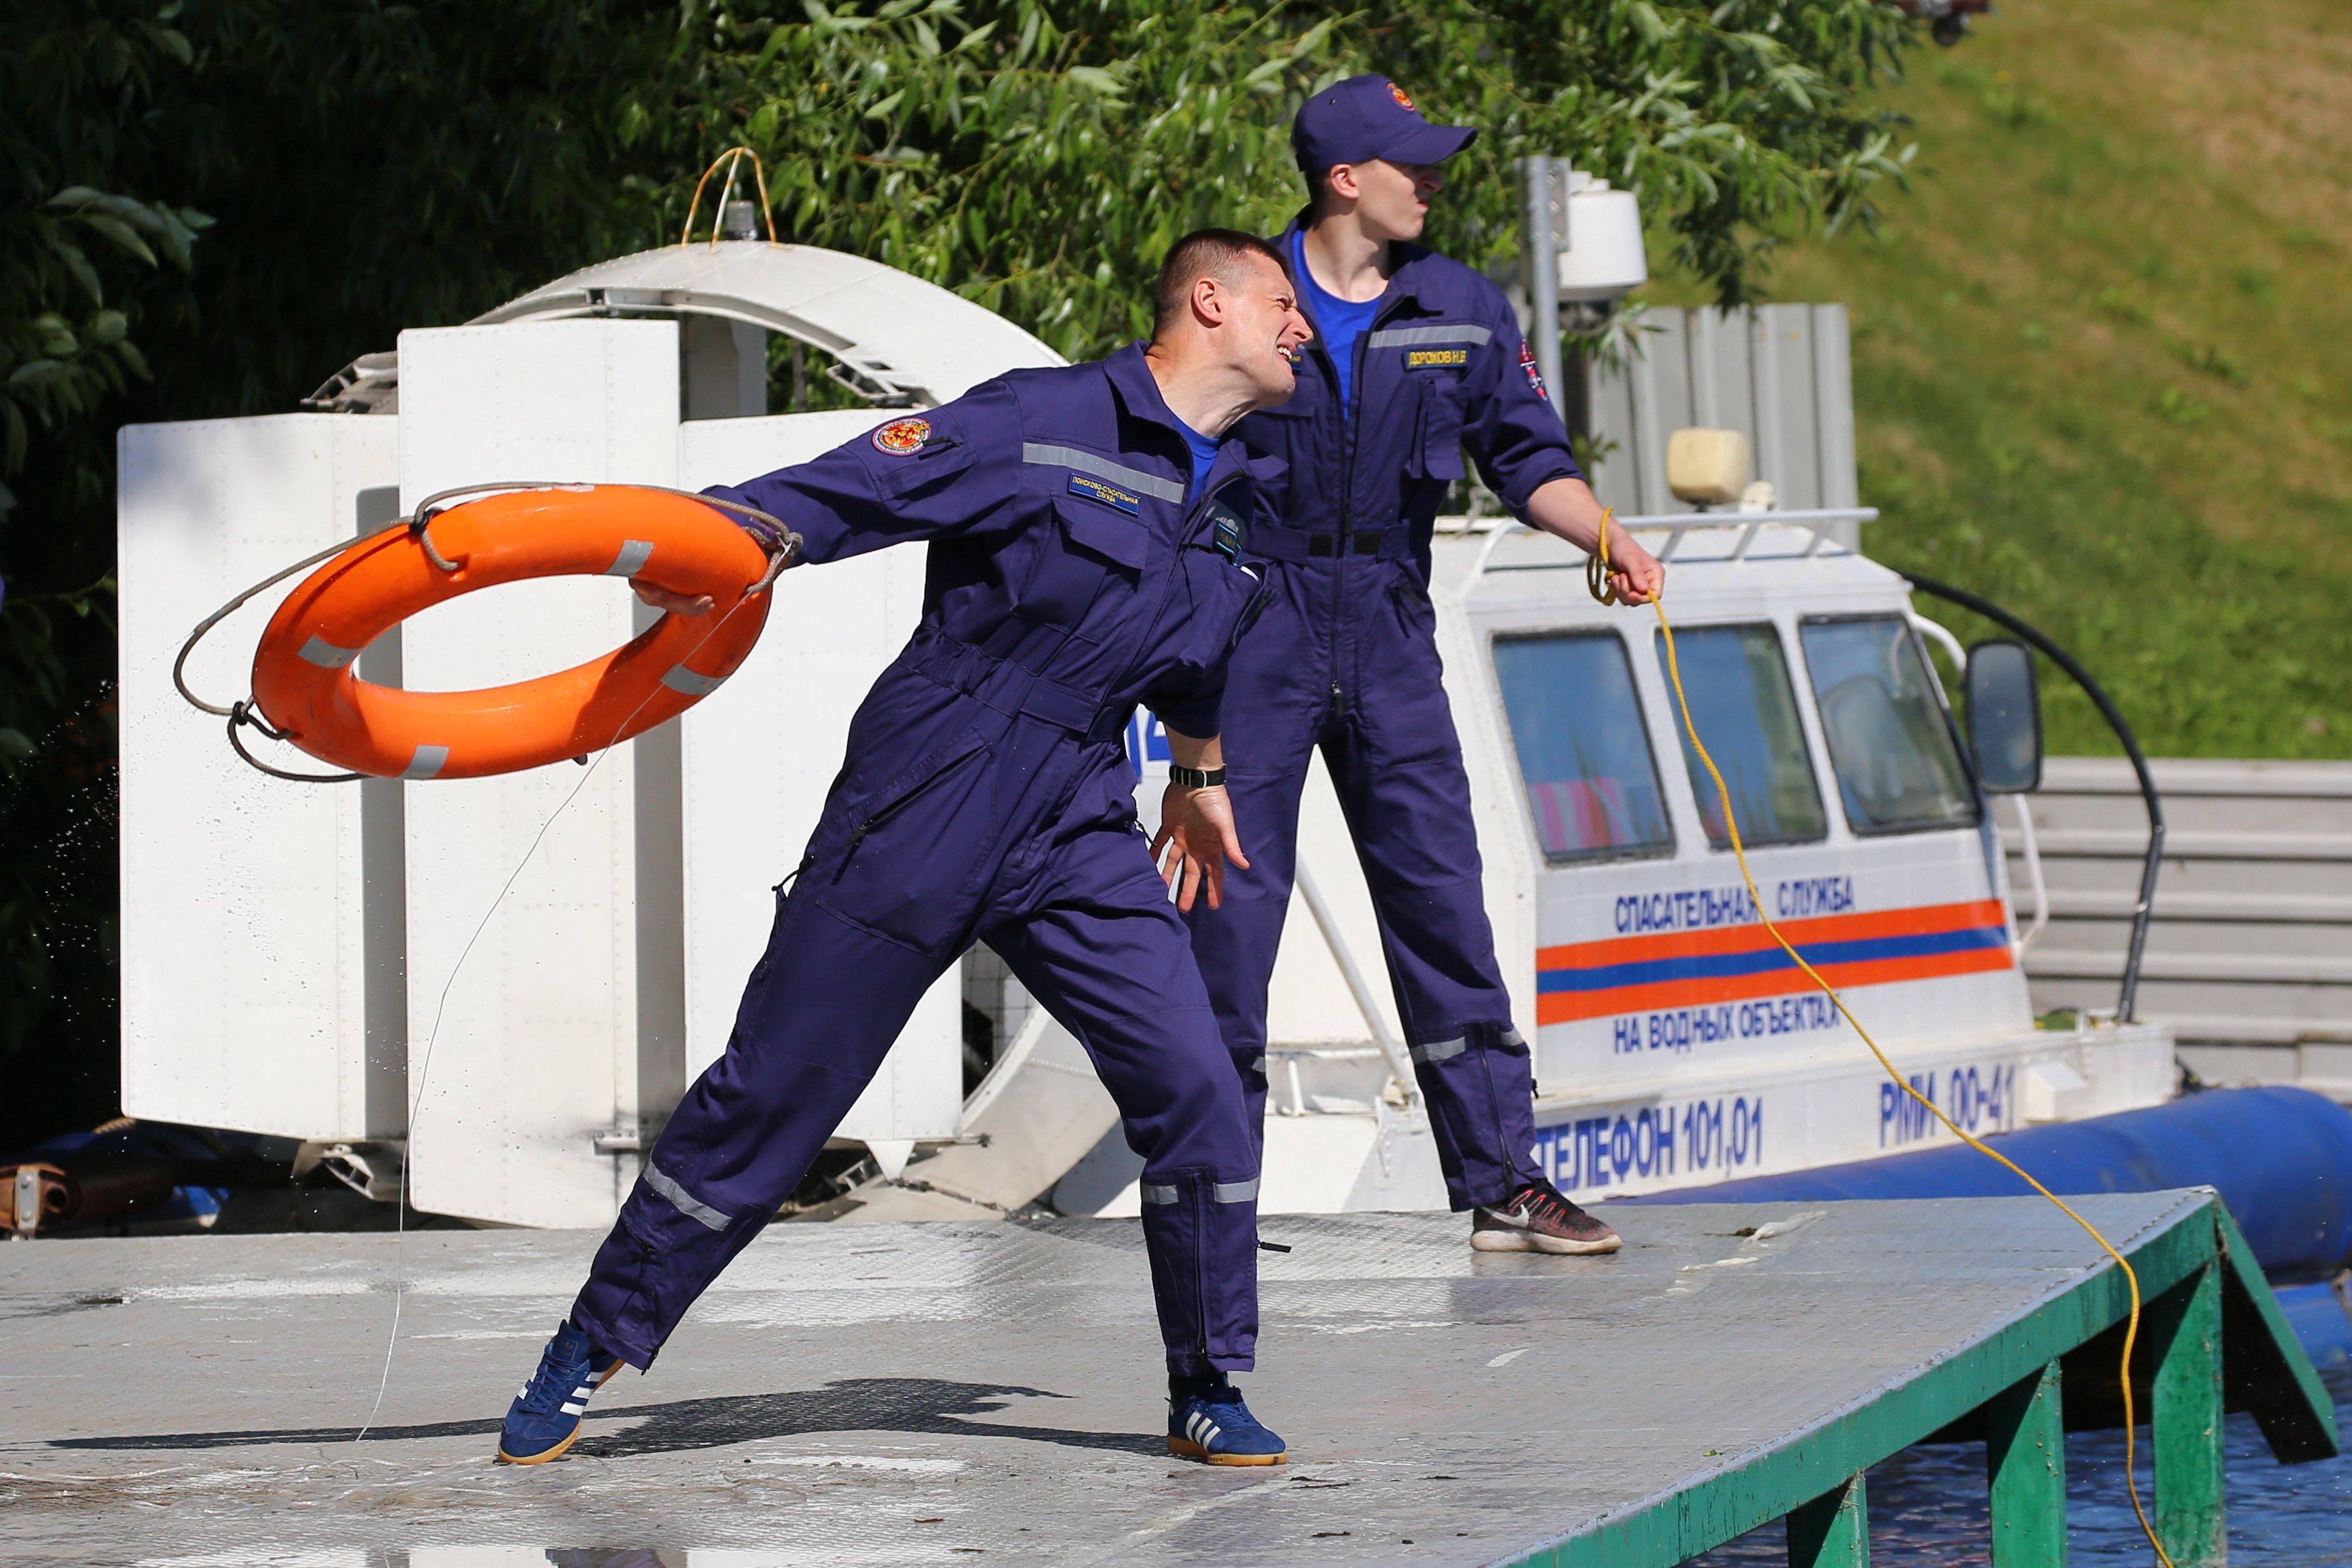 Соревнования по водно-спасательному многоборью на первенство ГКУ «МГПСС»